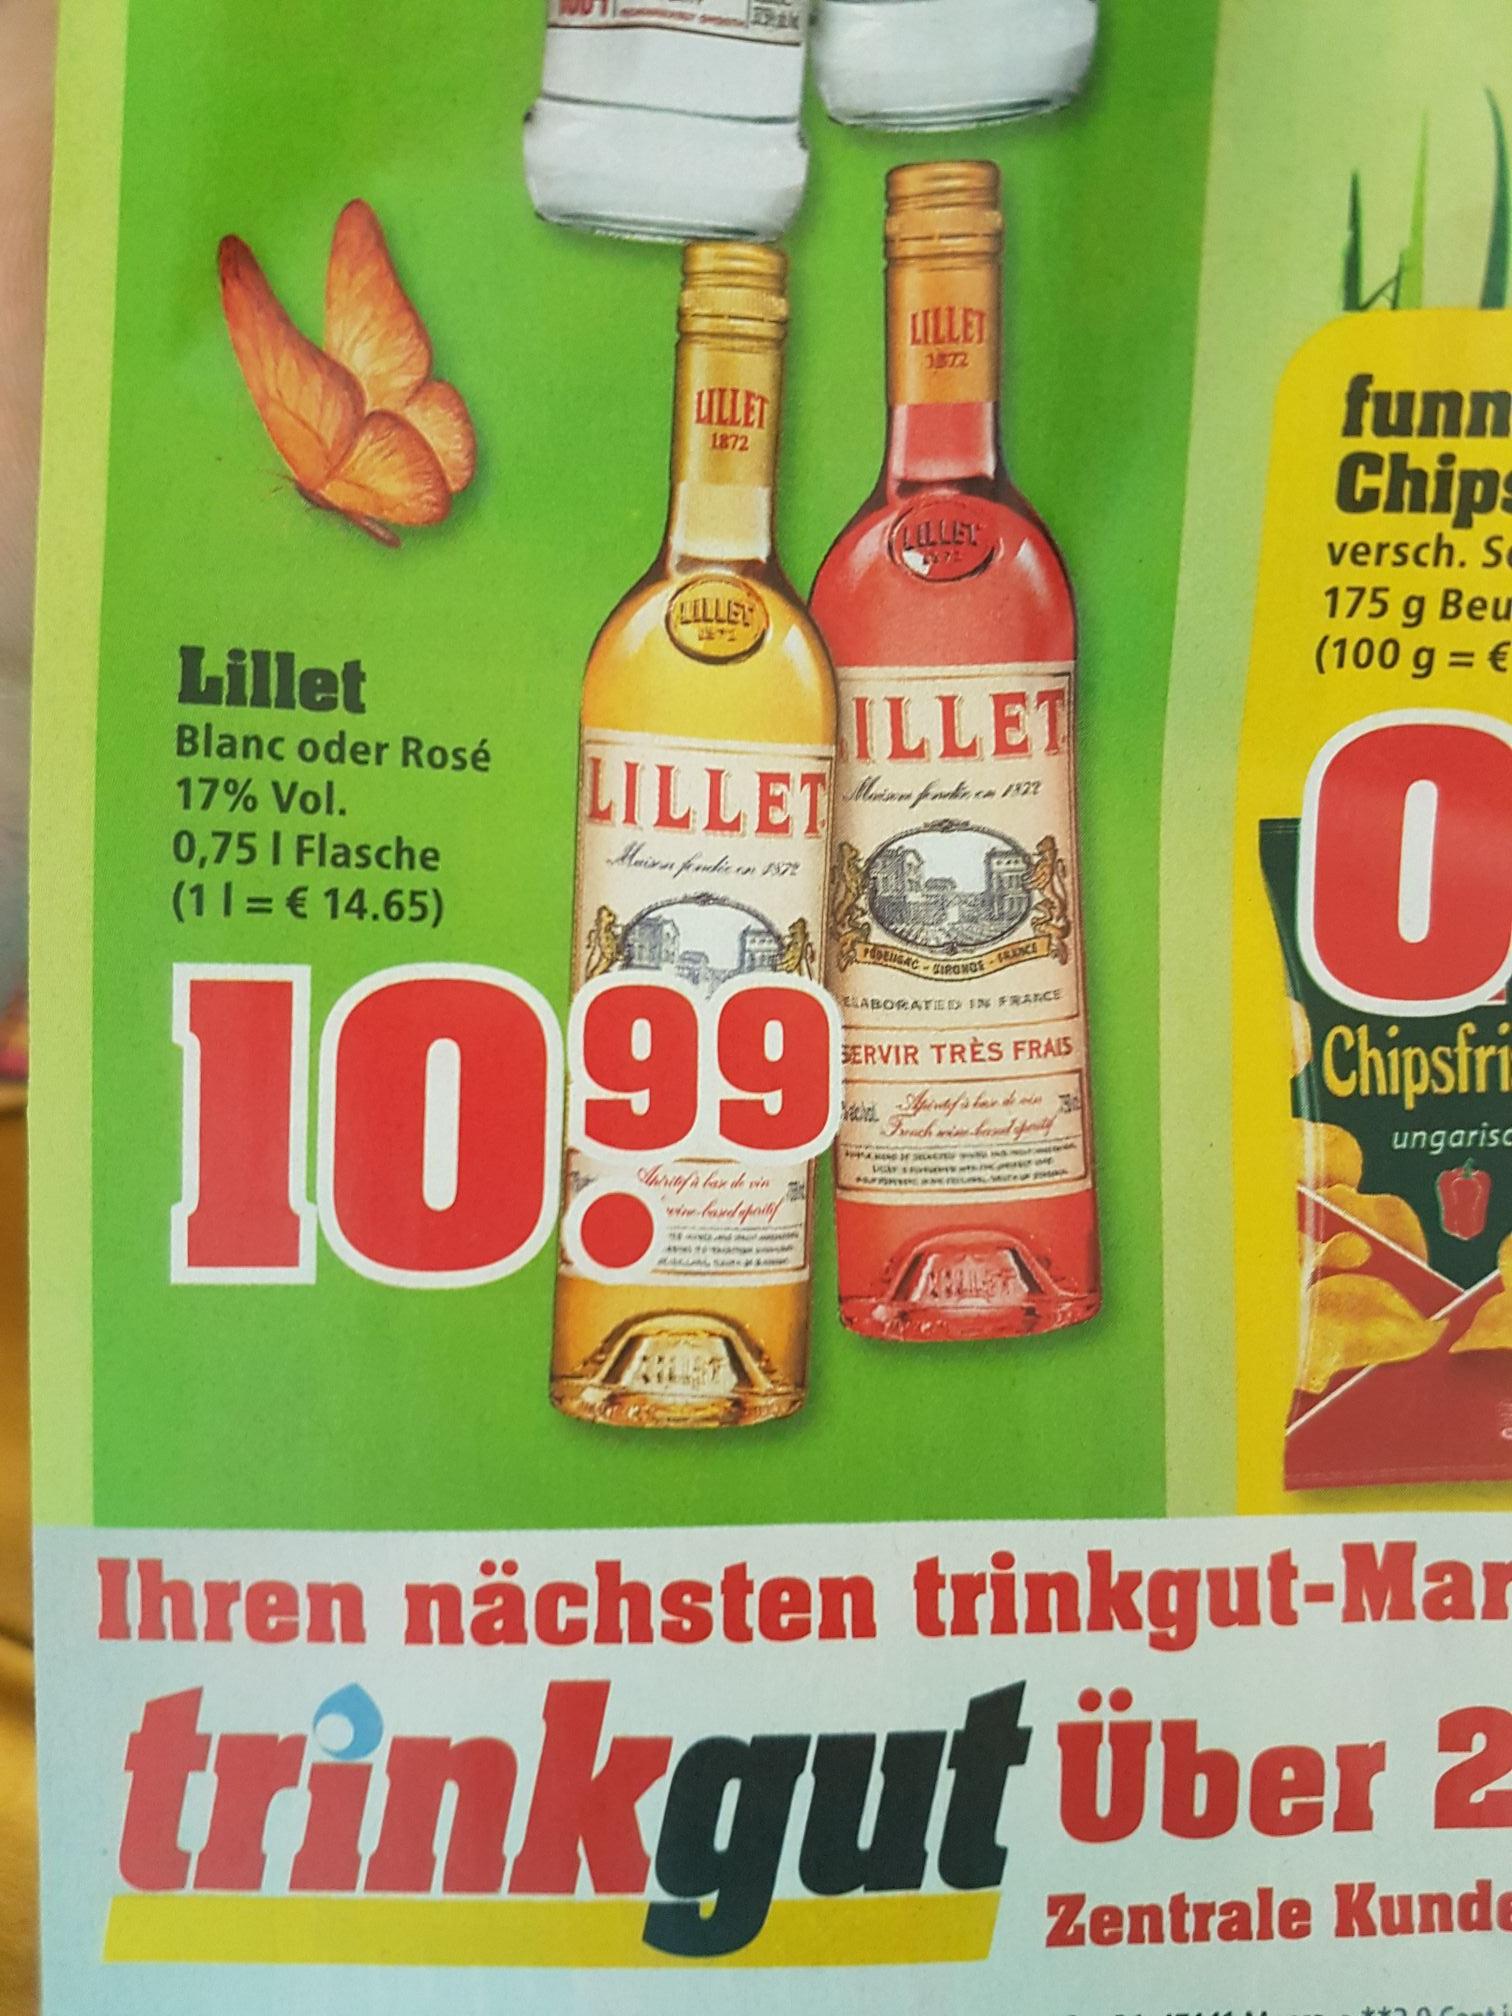 Lillet Blanc oder Rosé 0,75 L Flasche für 10,99€ bei Trinkgut